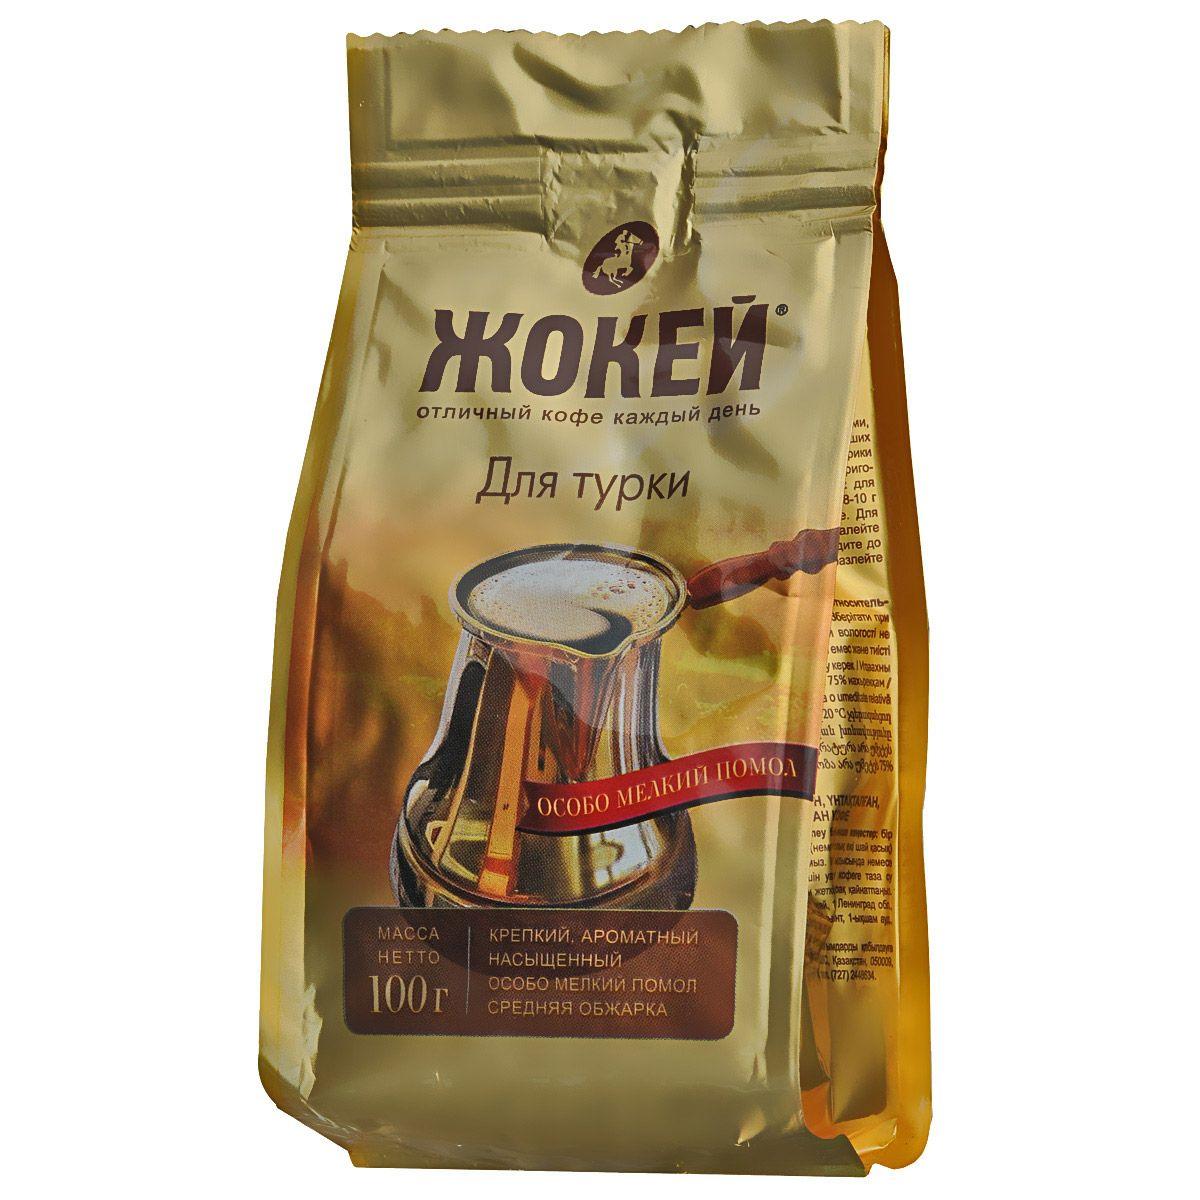 кофе жокей для турки